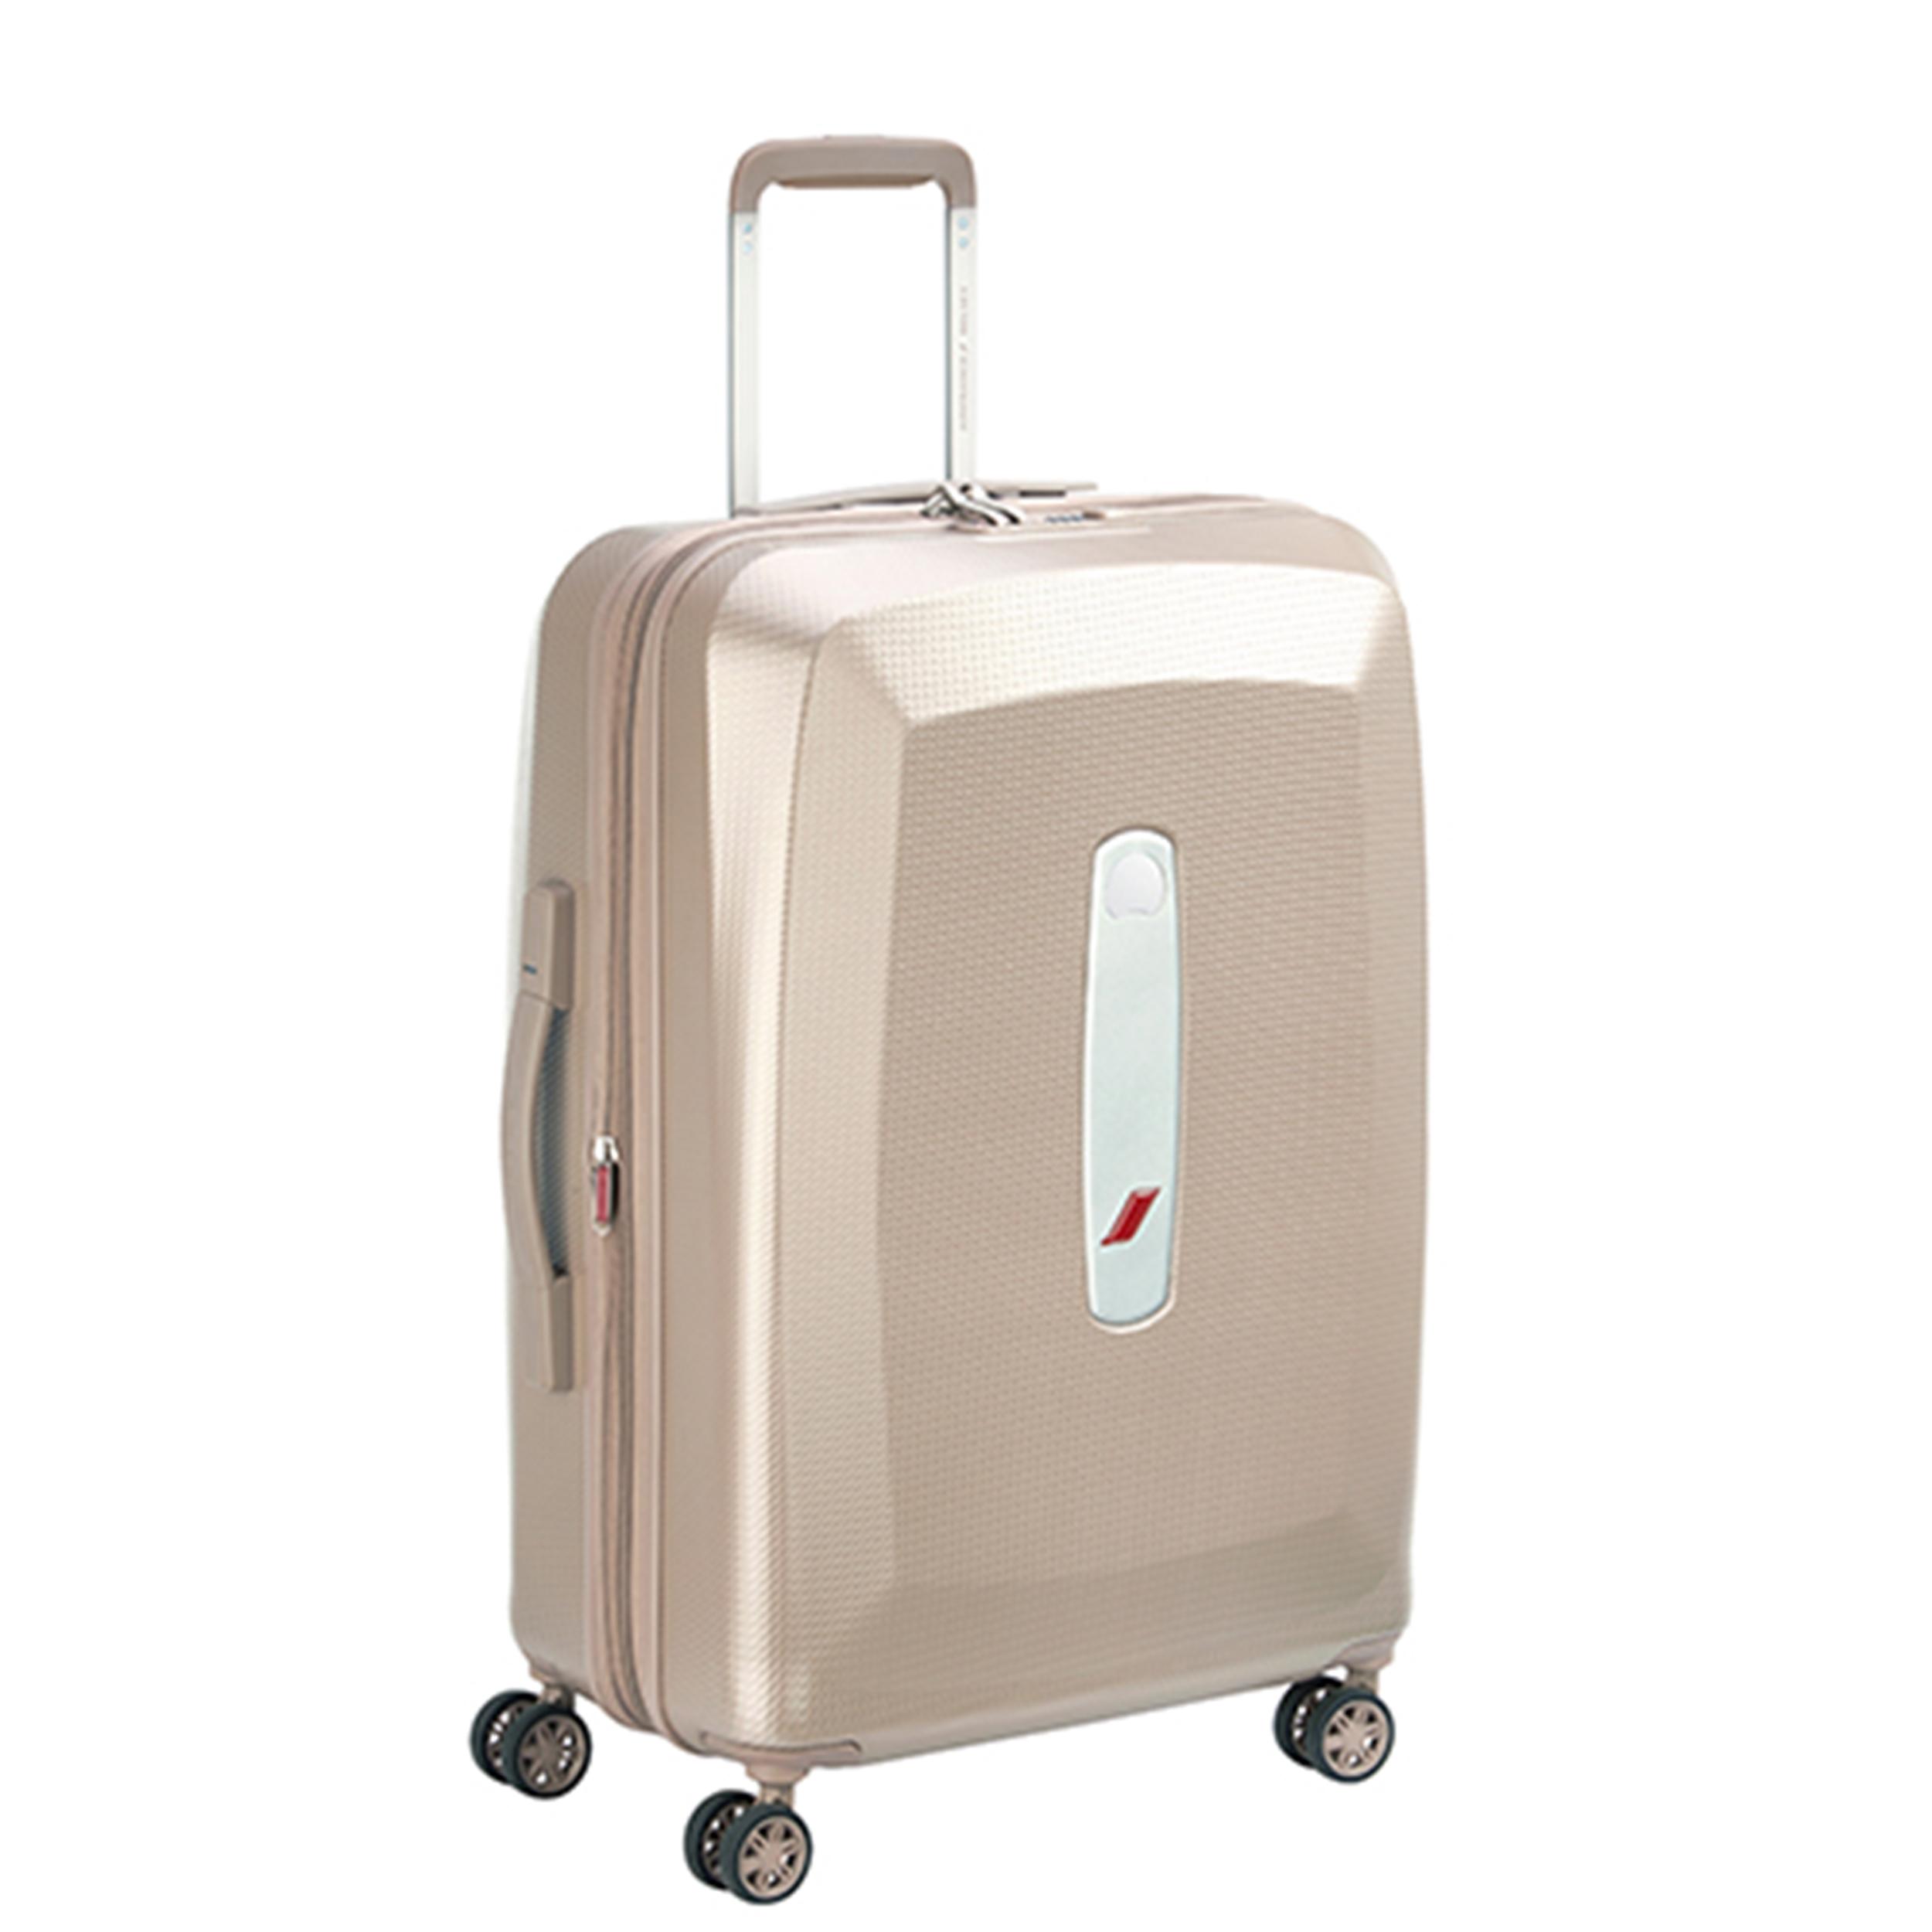 چمدان دلسي مدل ايرفرانس پرميوم کد 1004811 سایز متوسط